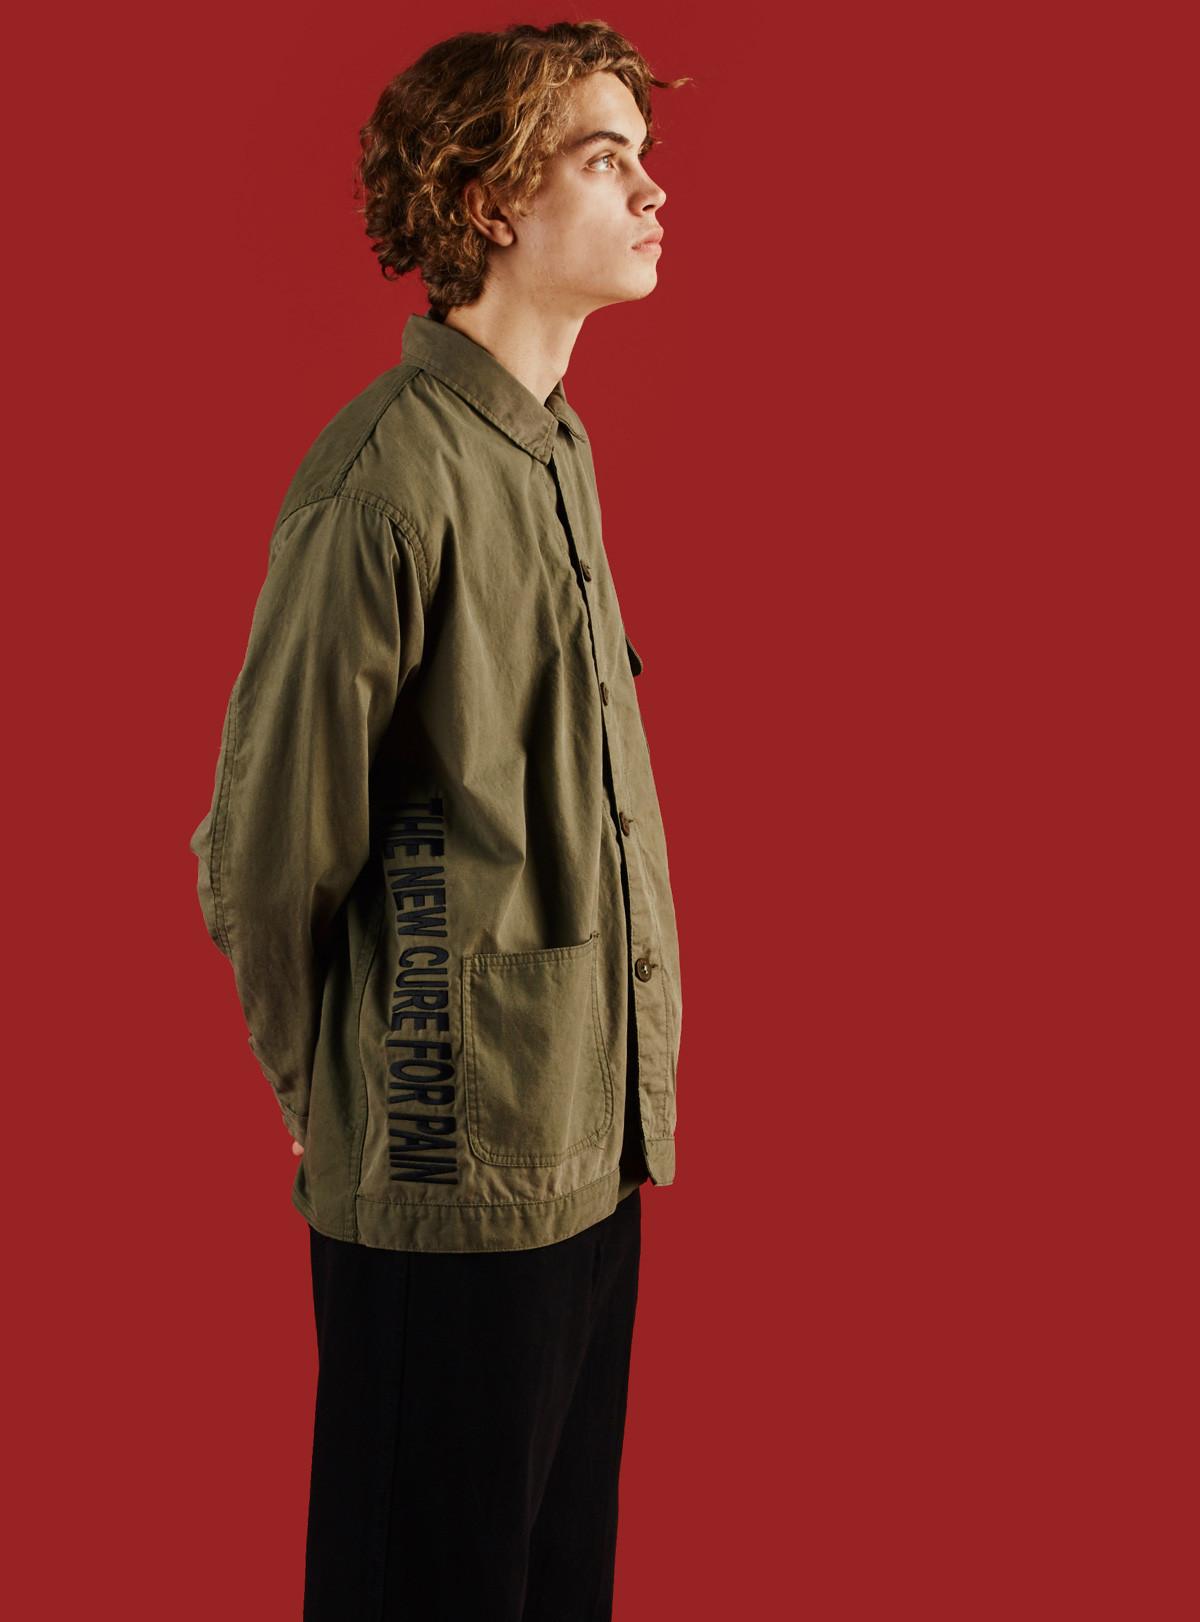 unif_army_prison_jacket_2